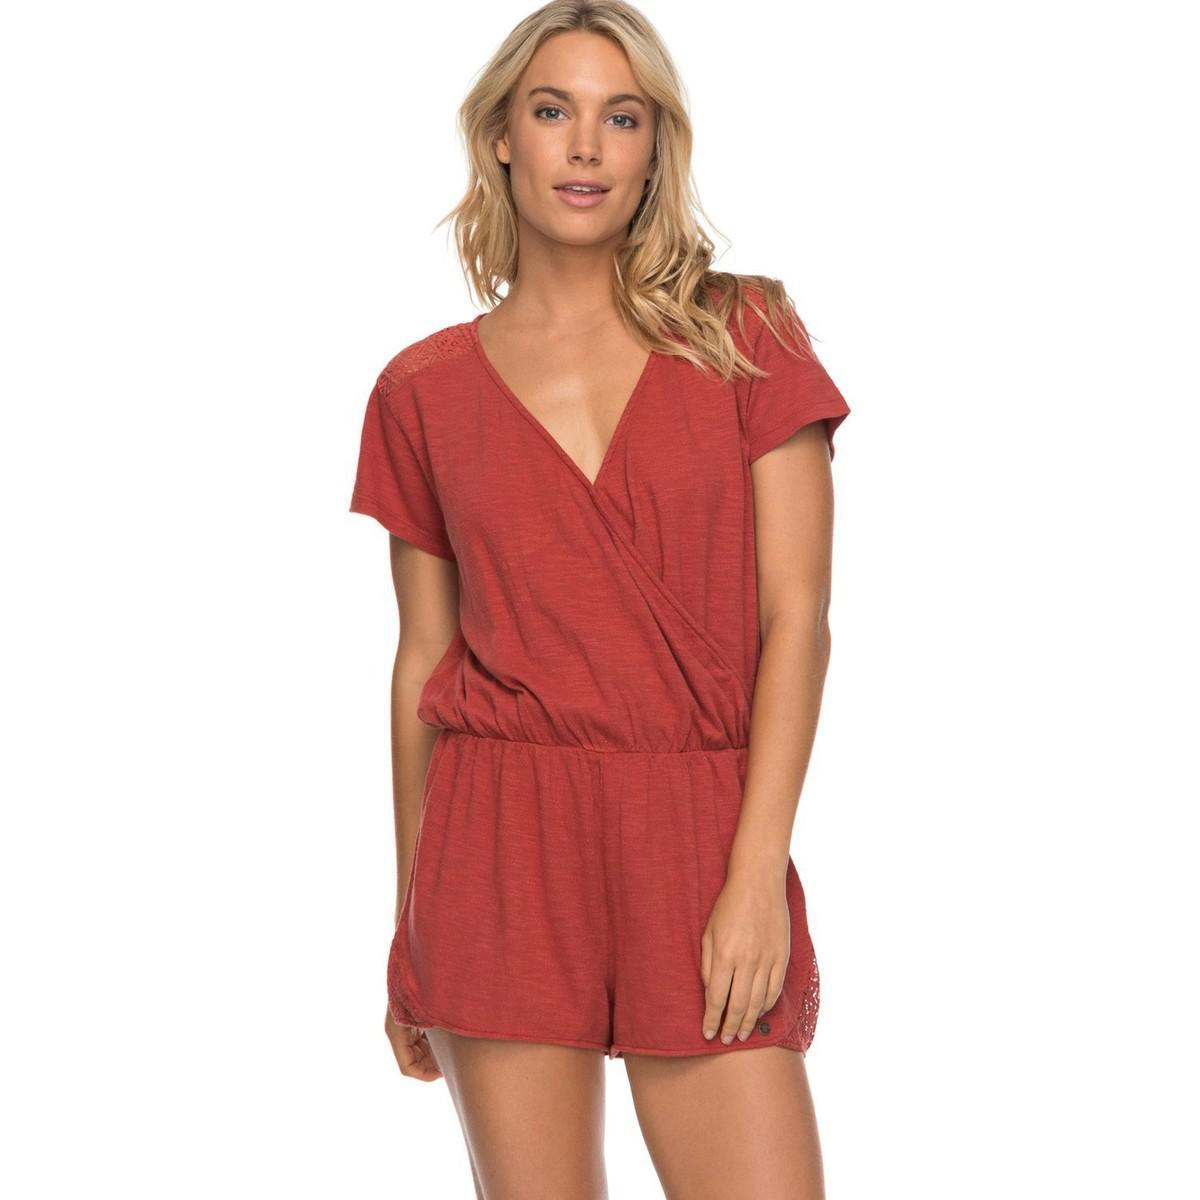 058d2c1046 Roxy Top Erjkd03168-npq0 Mono Rojo Women s Jumpsuit In Red in Red - Lyst